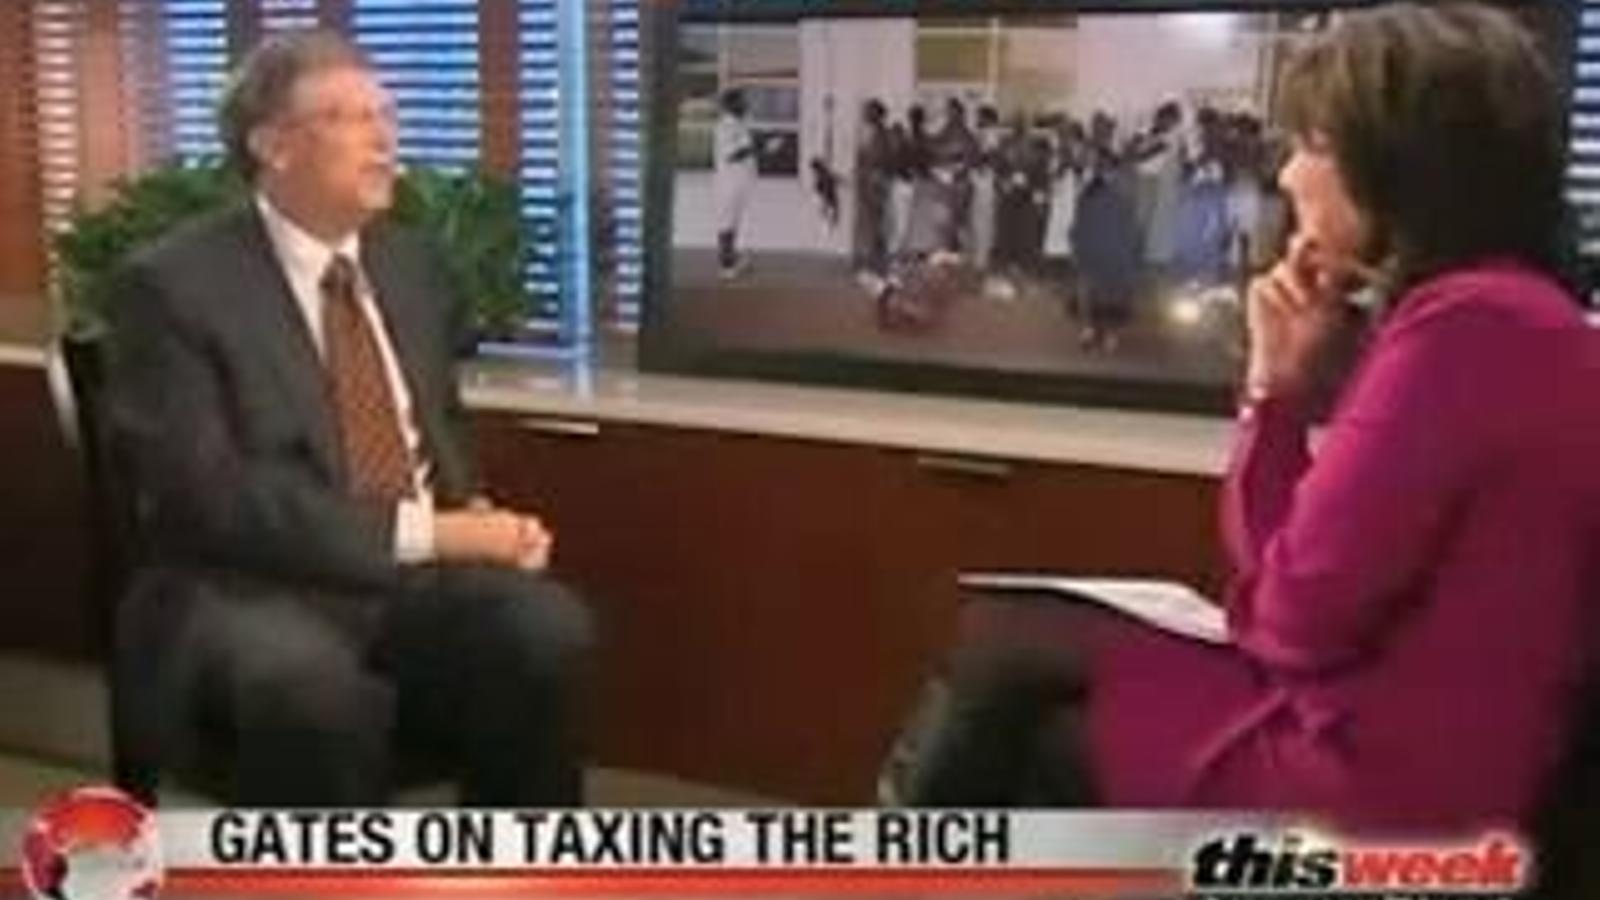 Bill Gates afirma que vol que els rics paguin més impostos en una entrevista amb la cadena de televisió ABC